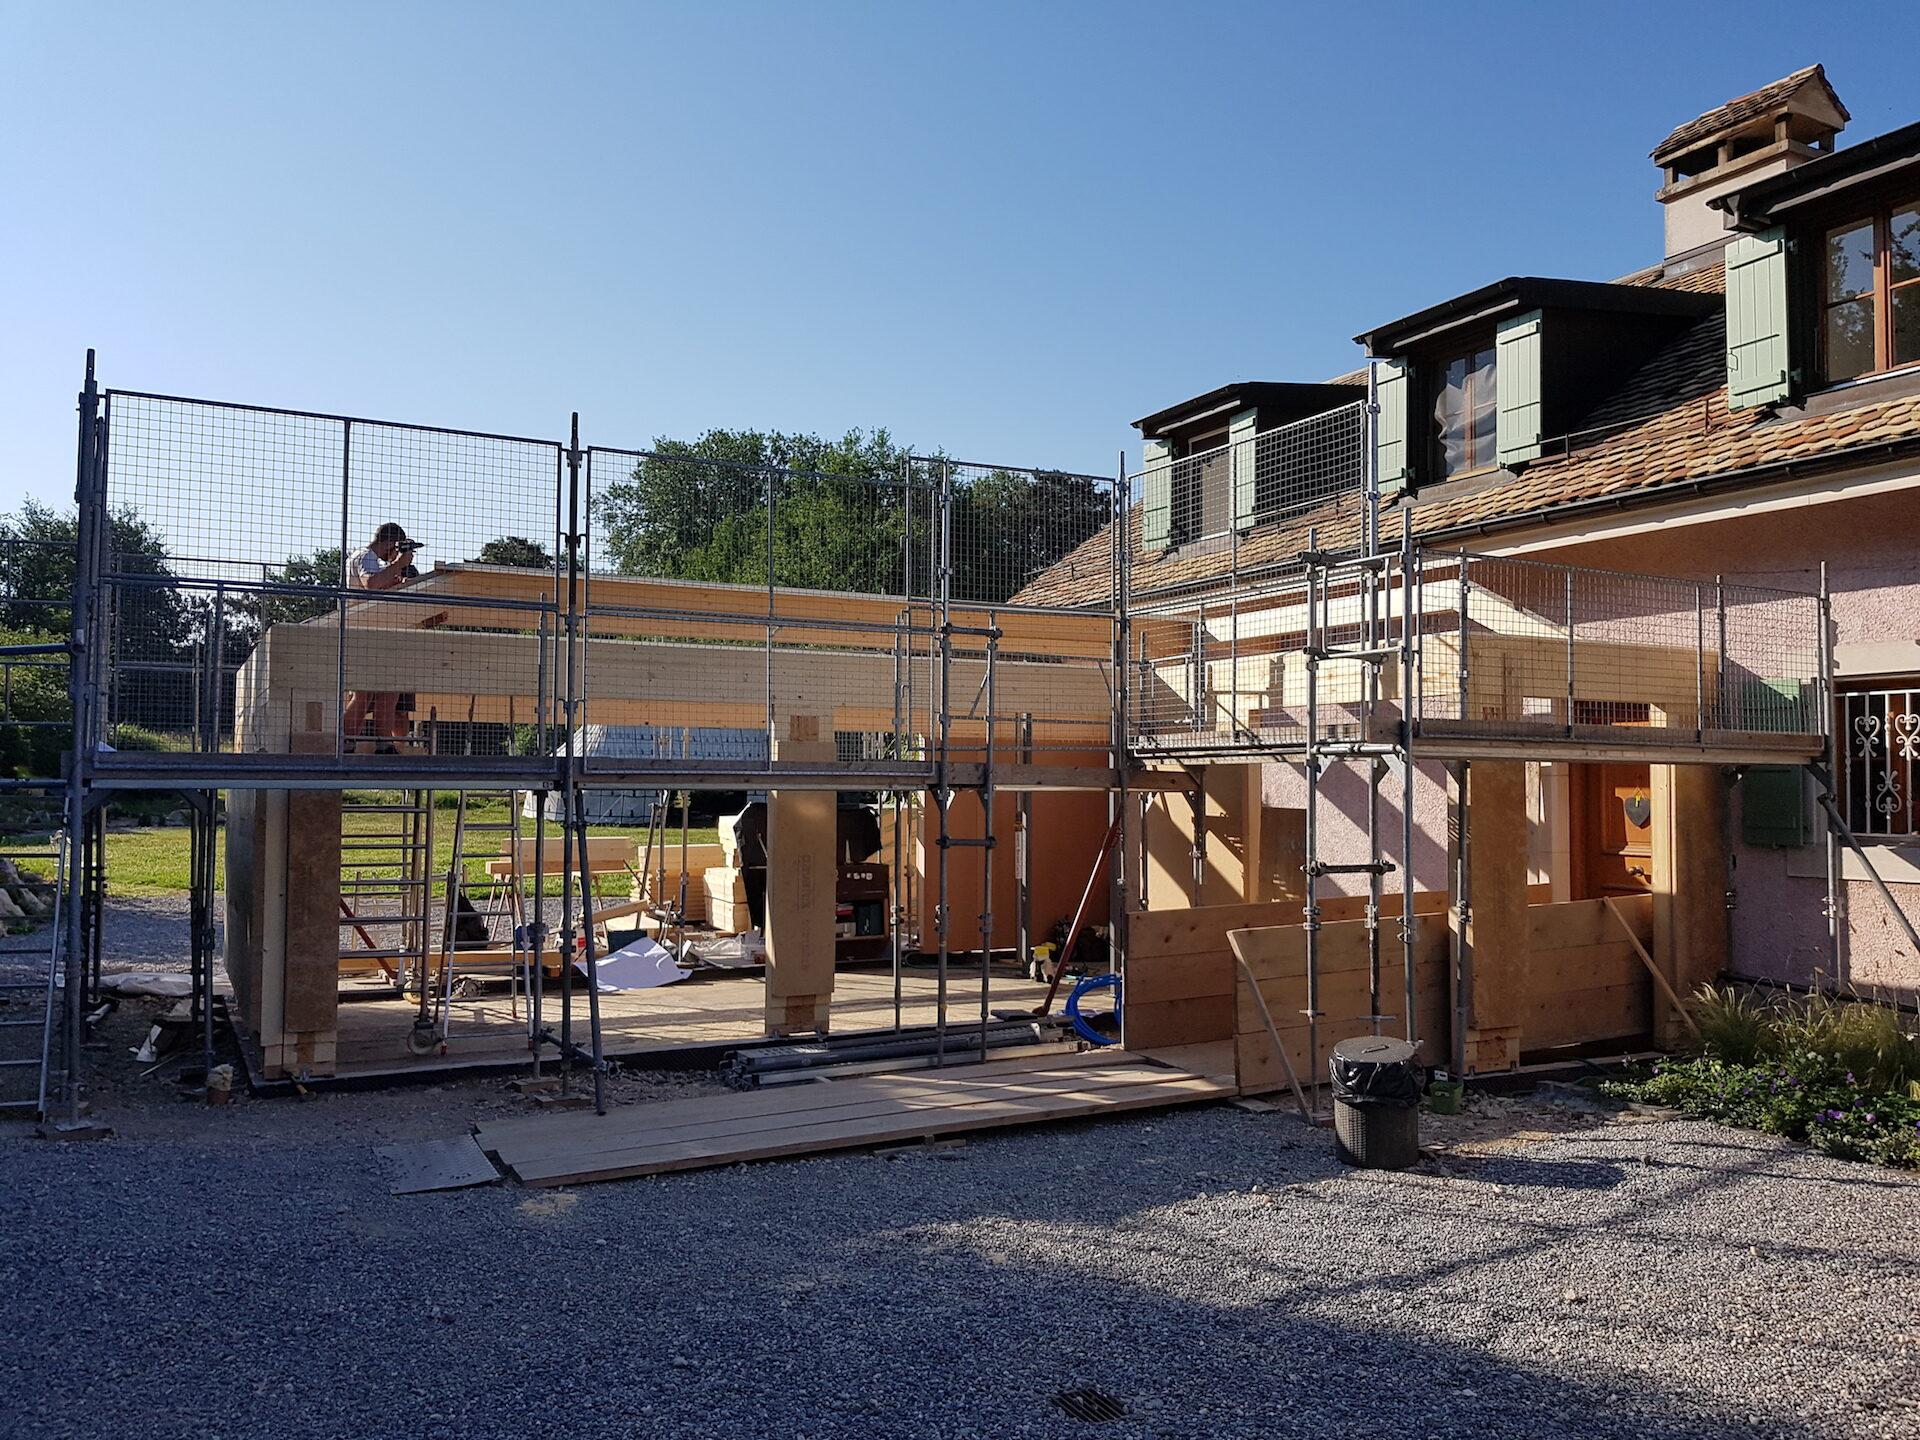 CSDK Construction préfabriquée en bois 1 1920x1440 - Engagement durable - CSDK Construction préfabriquée en bois 1 1920x1440